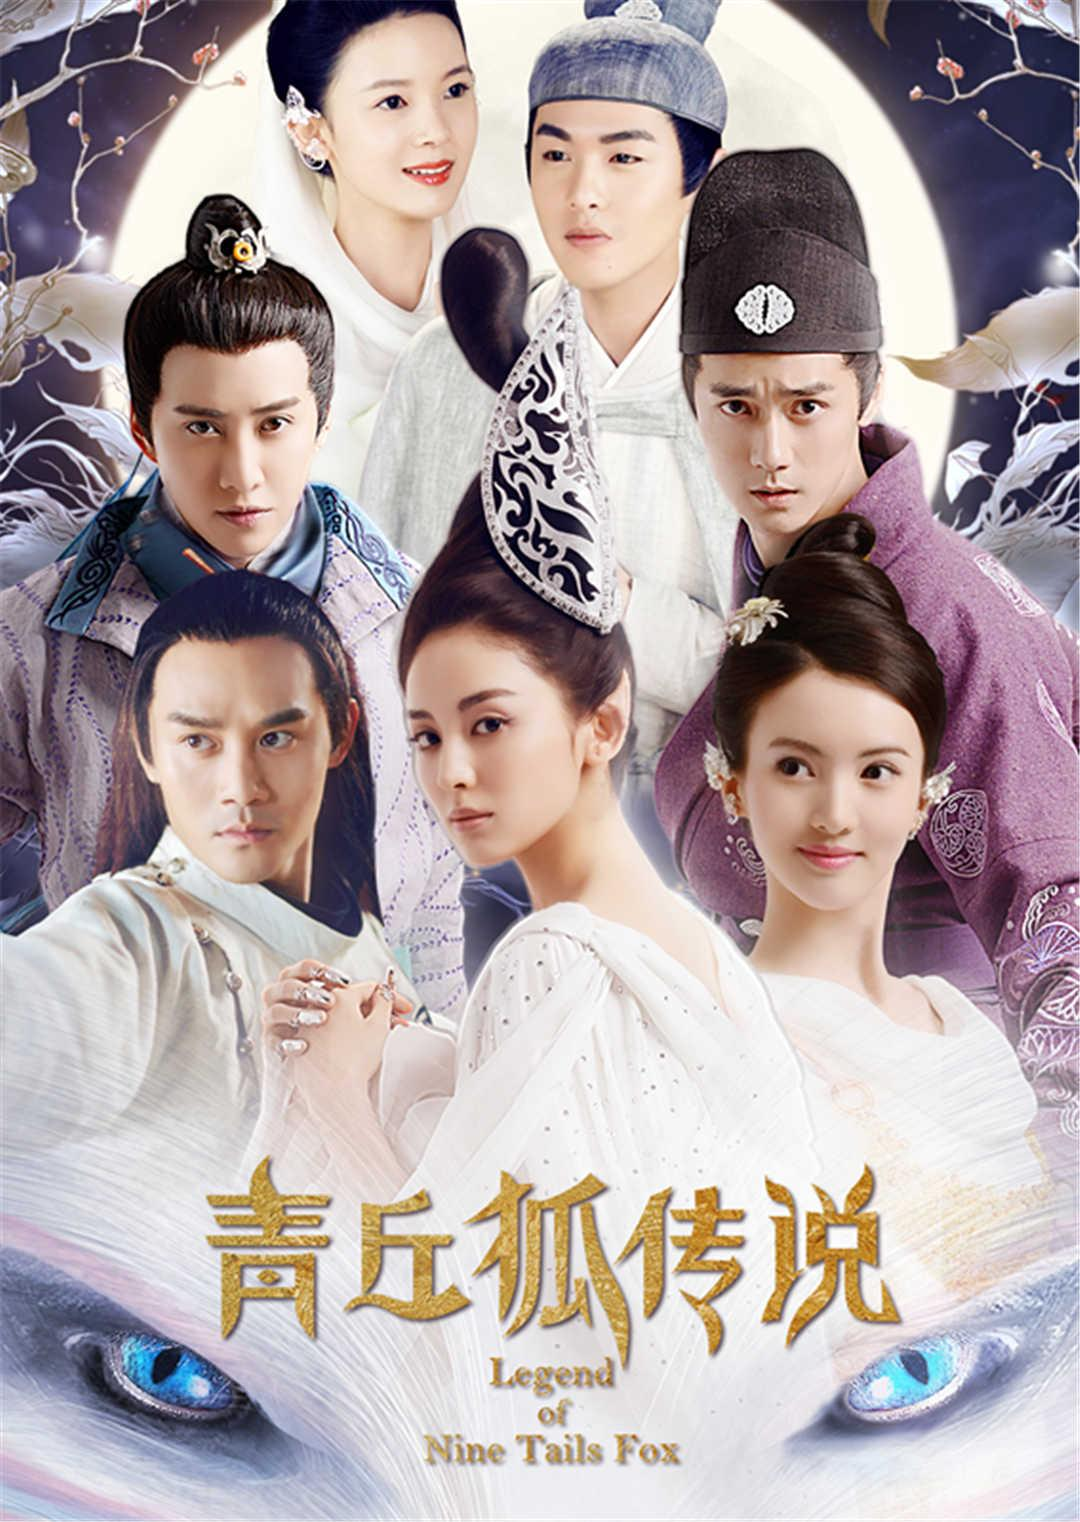 青丘狐傳說 DVD版